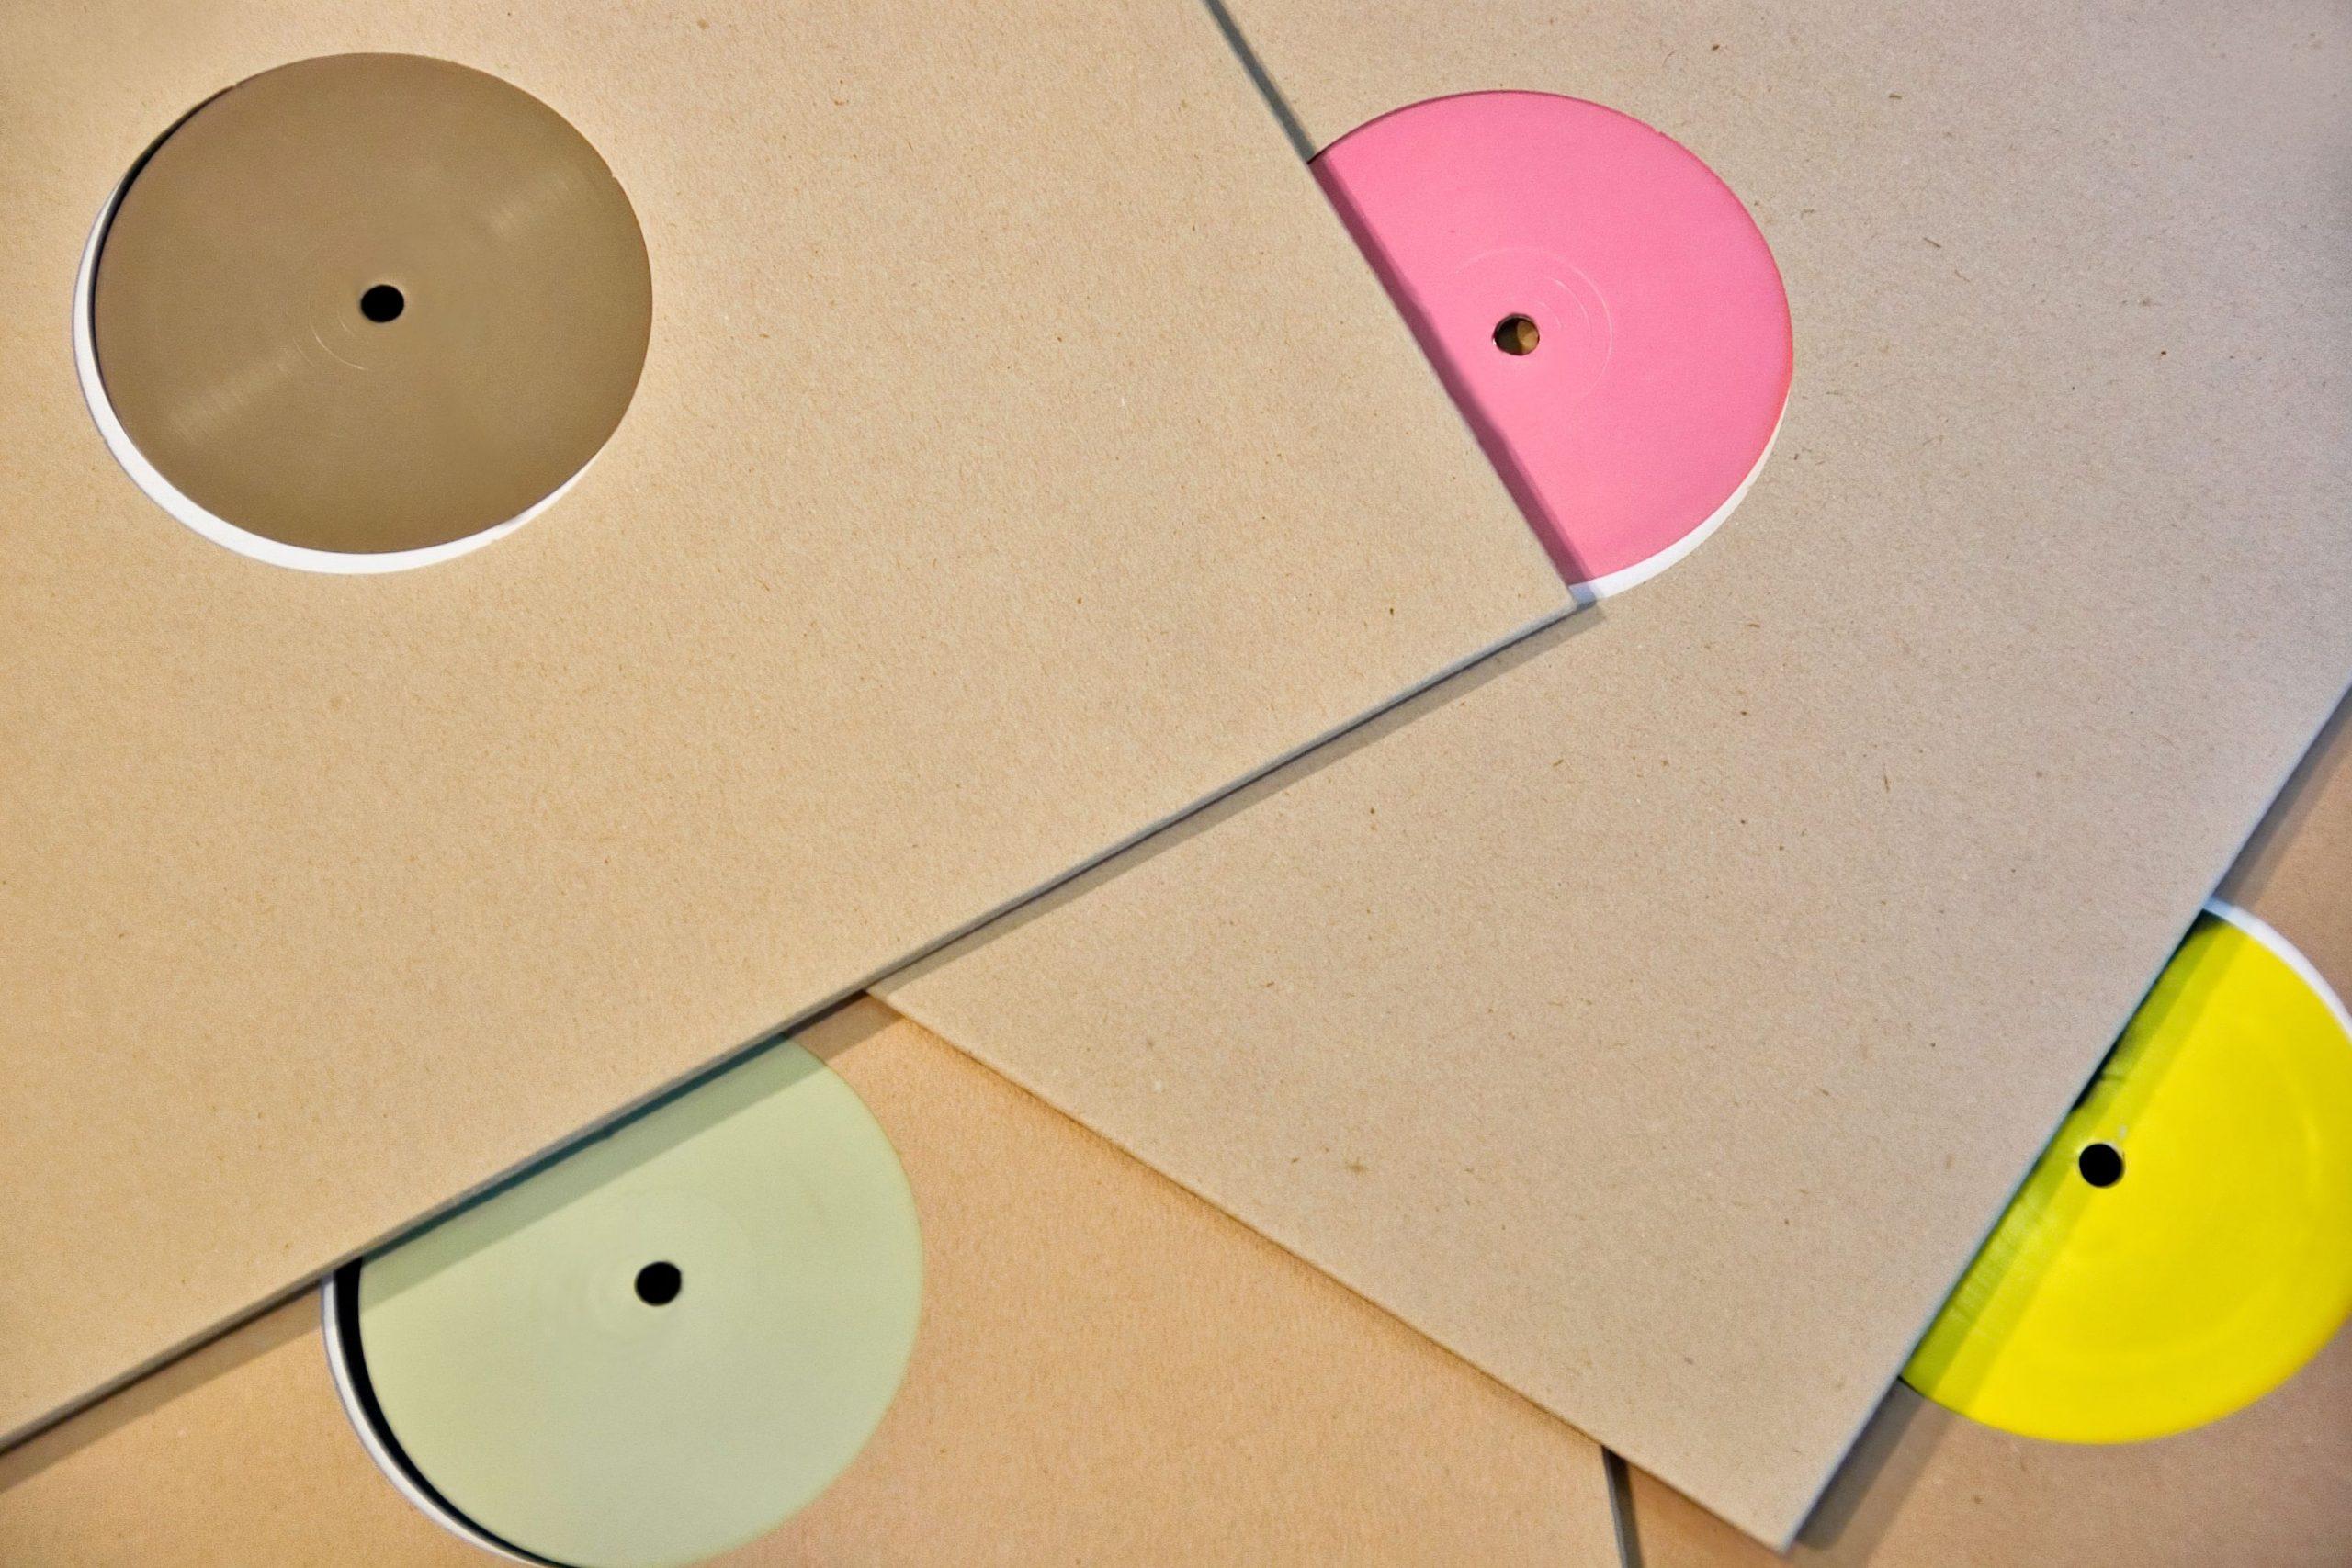 Stampa Copia Privata Vinile Grafica _ Retric Audio Music Publishing